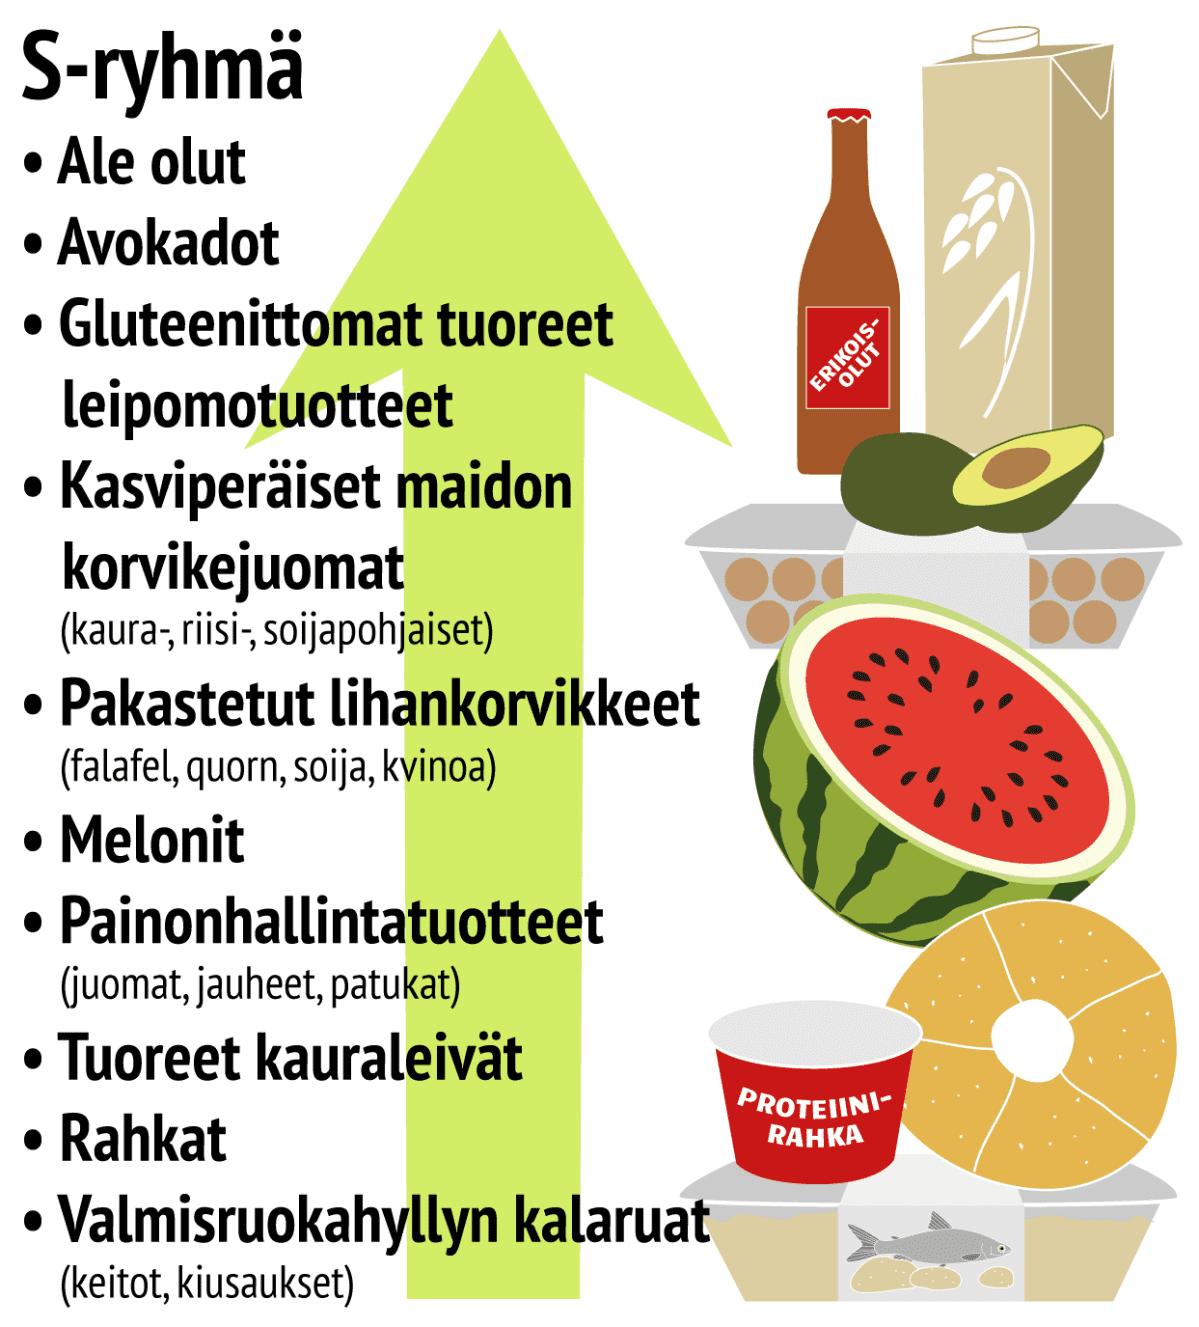 Ruokatrendit S-ryhmän nousussa olevat tuotteet